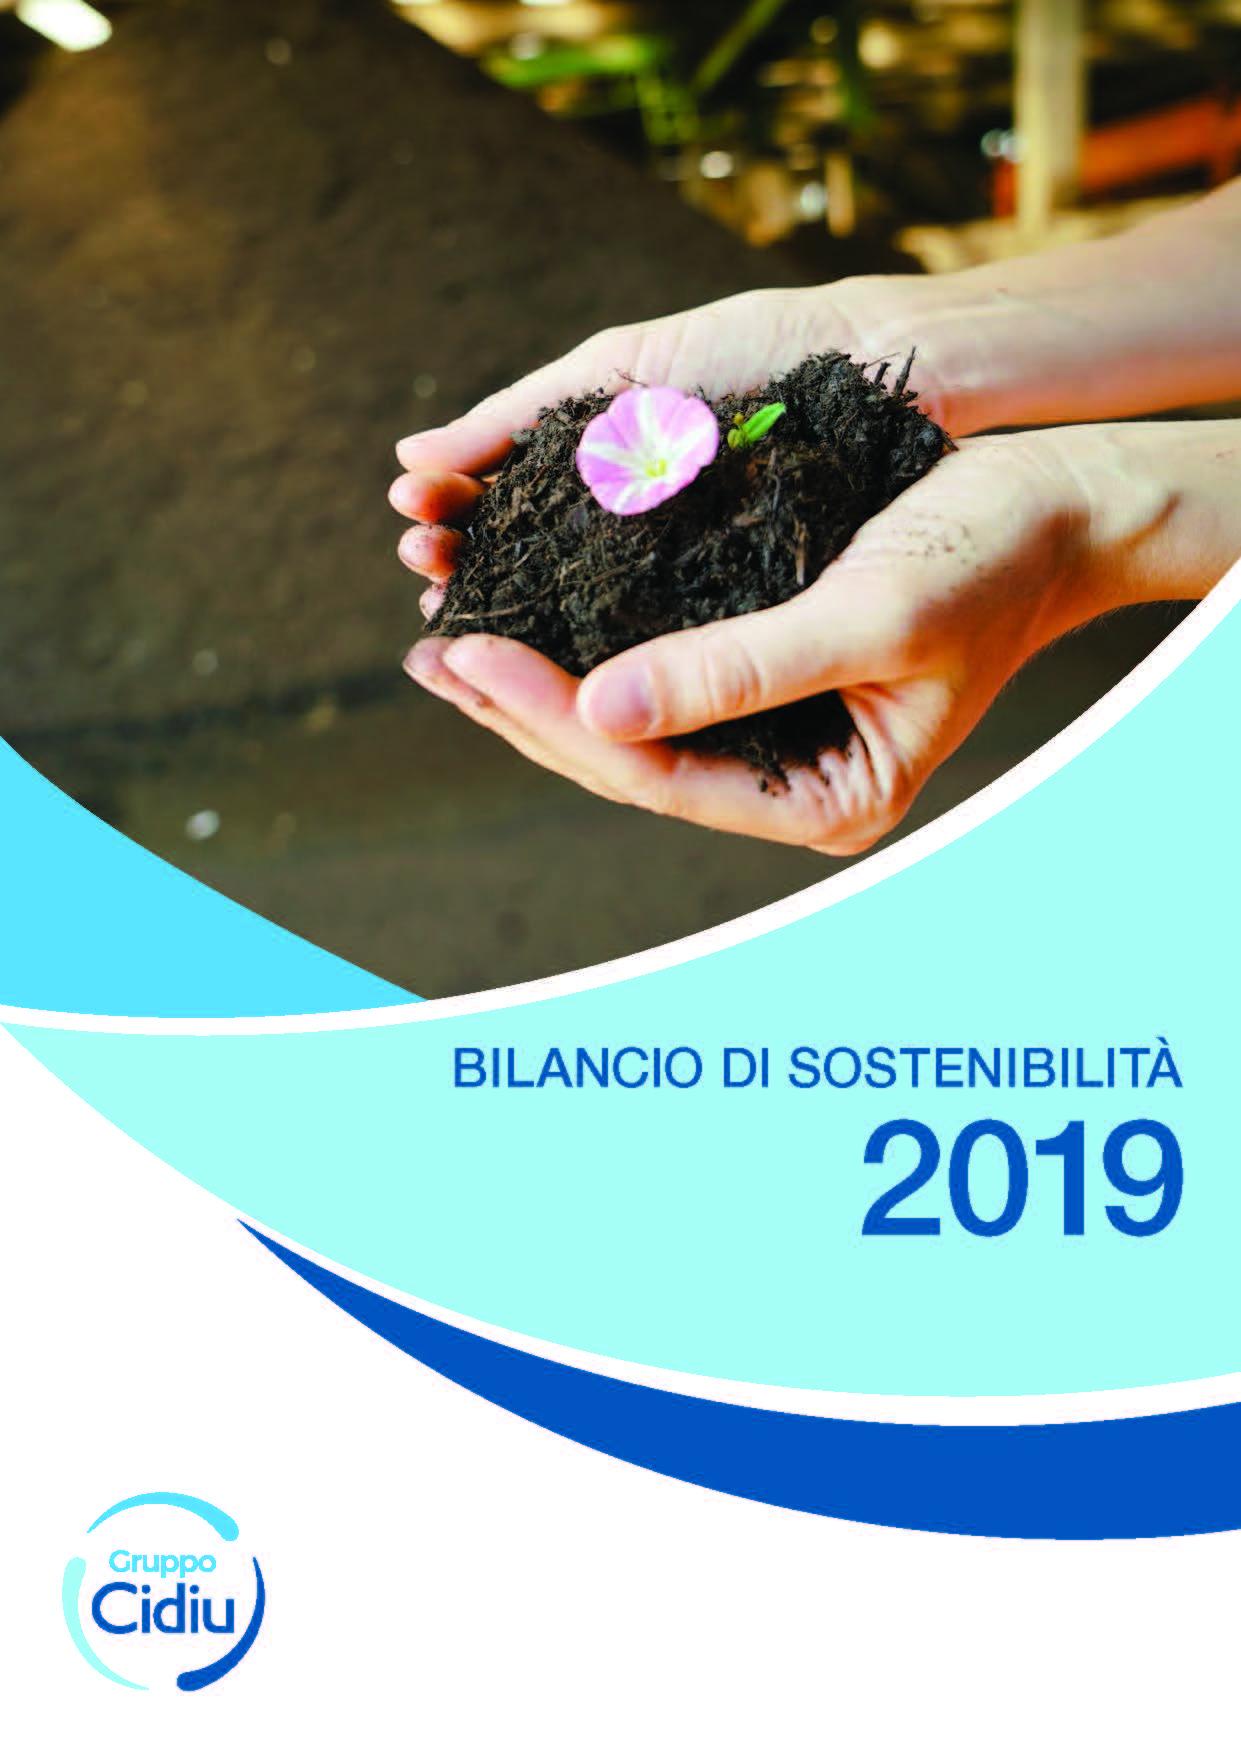 Copertina bilancio sostenibilità anno 2018